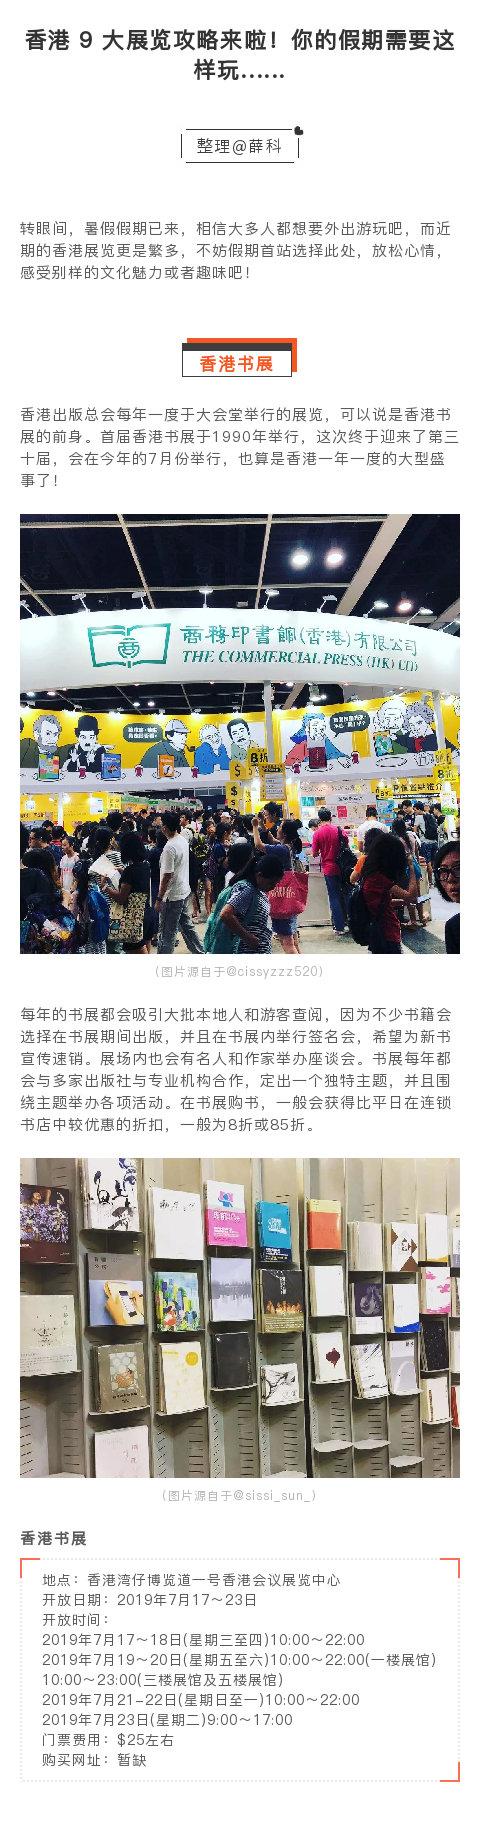 香港 9 大展览攻略来啦!你的假期需要这样玩...... 